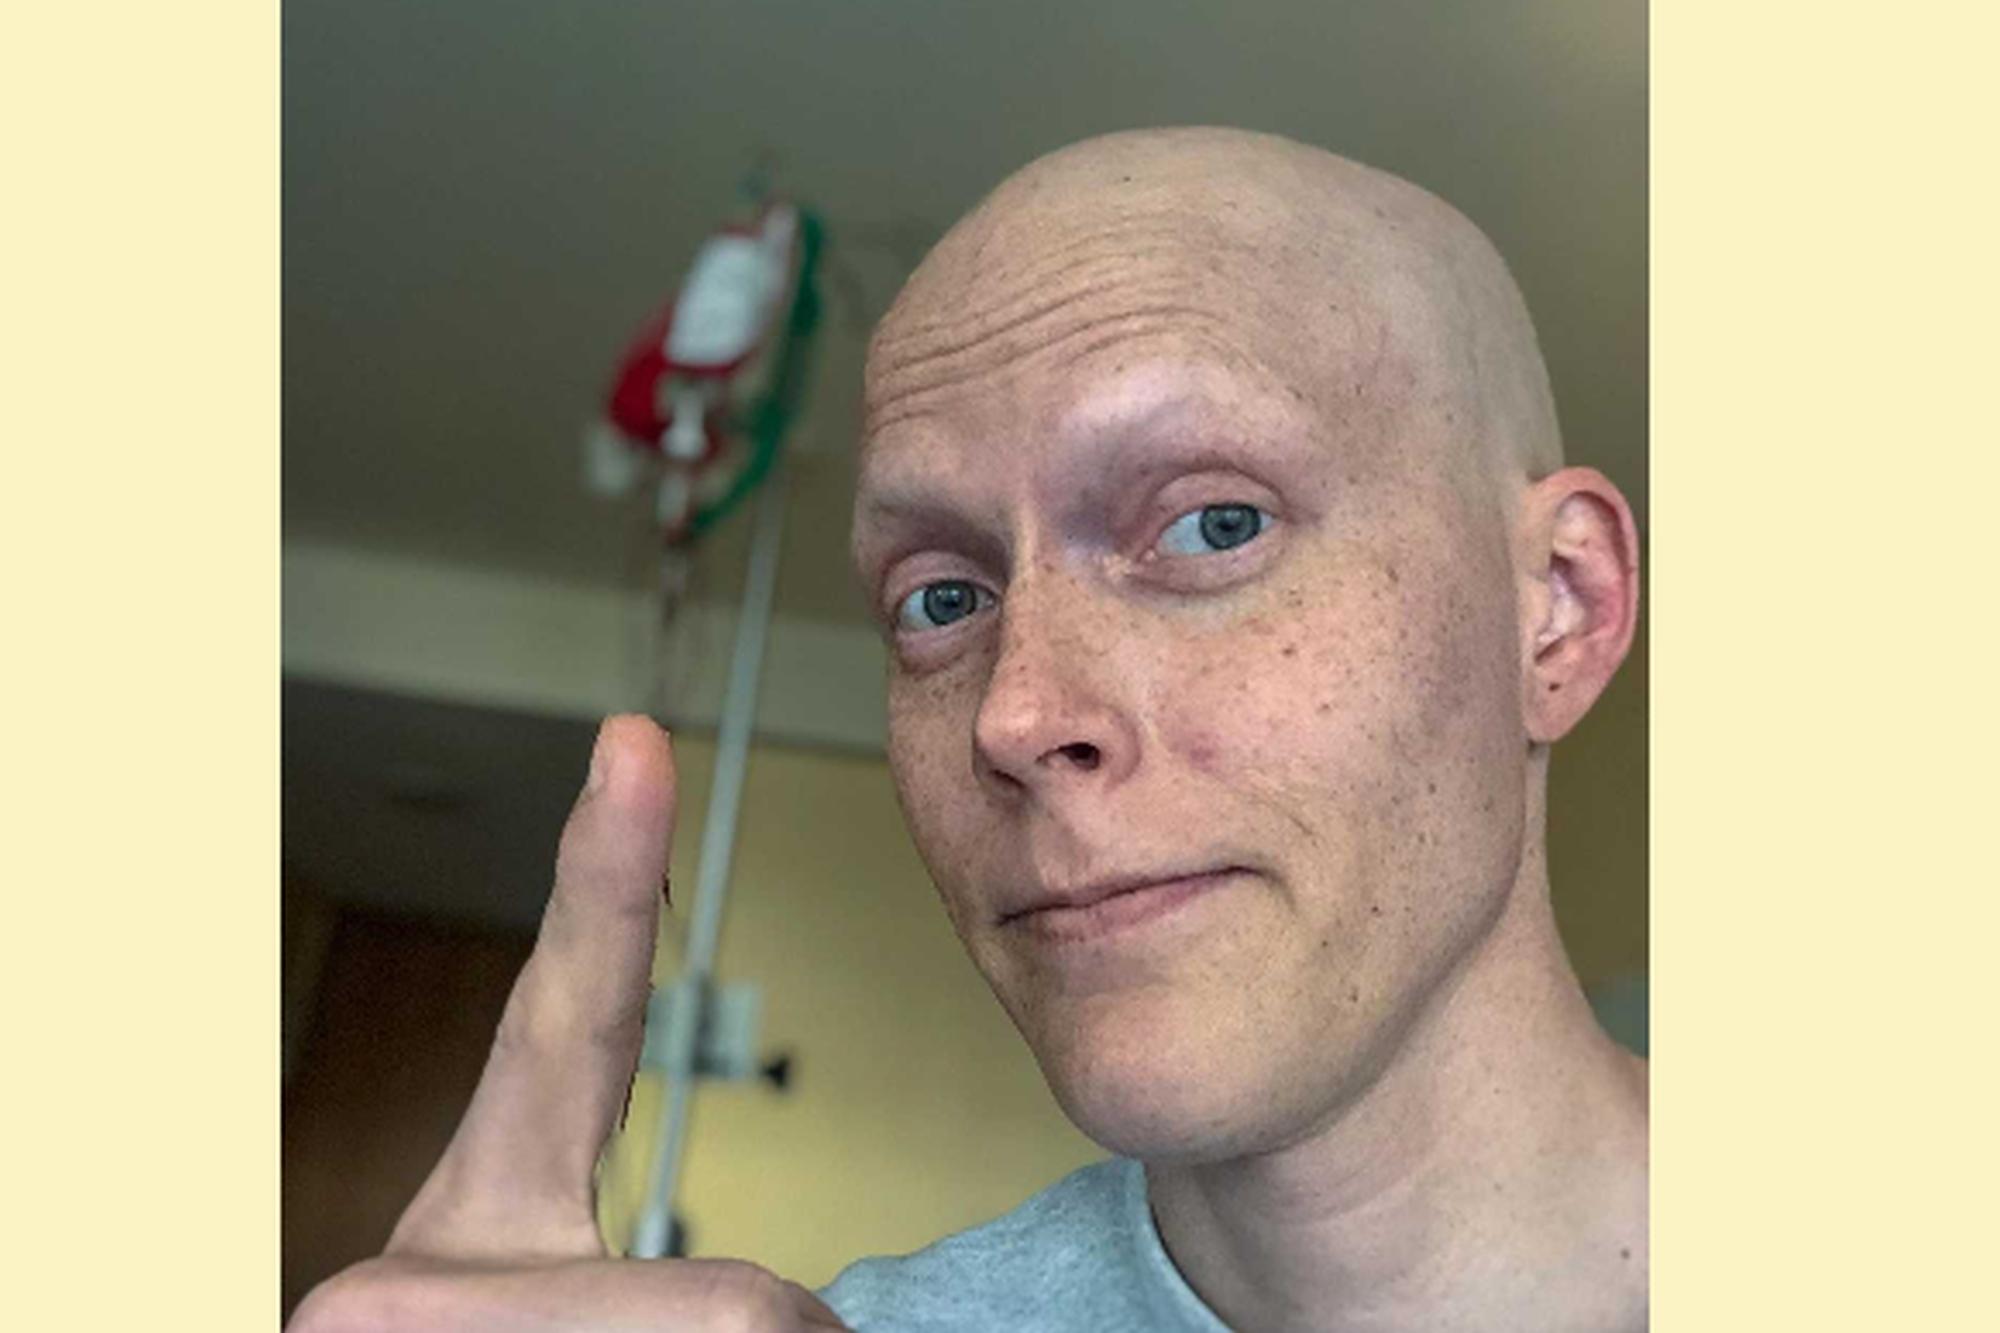 """Bjoern Einar Romoeren o walce z chorobą: """"Robi się coraz ciężej. Staram się spędzać czas z rodziną"""""""